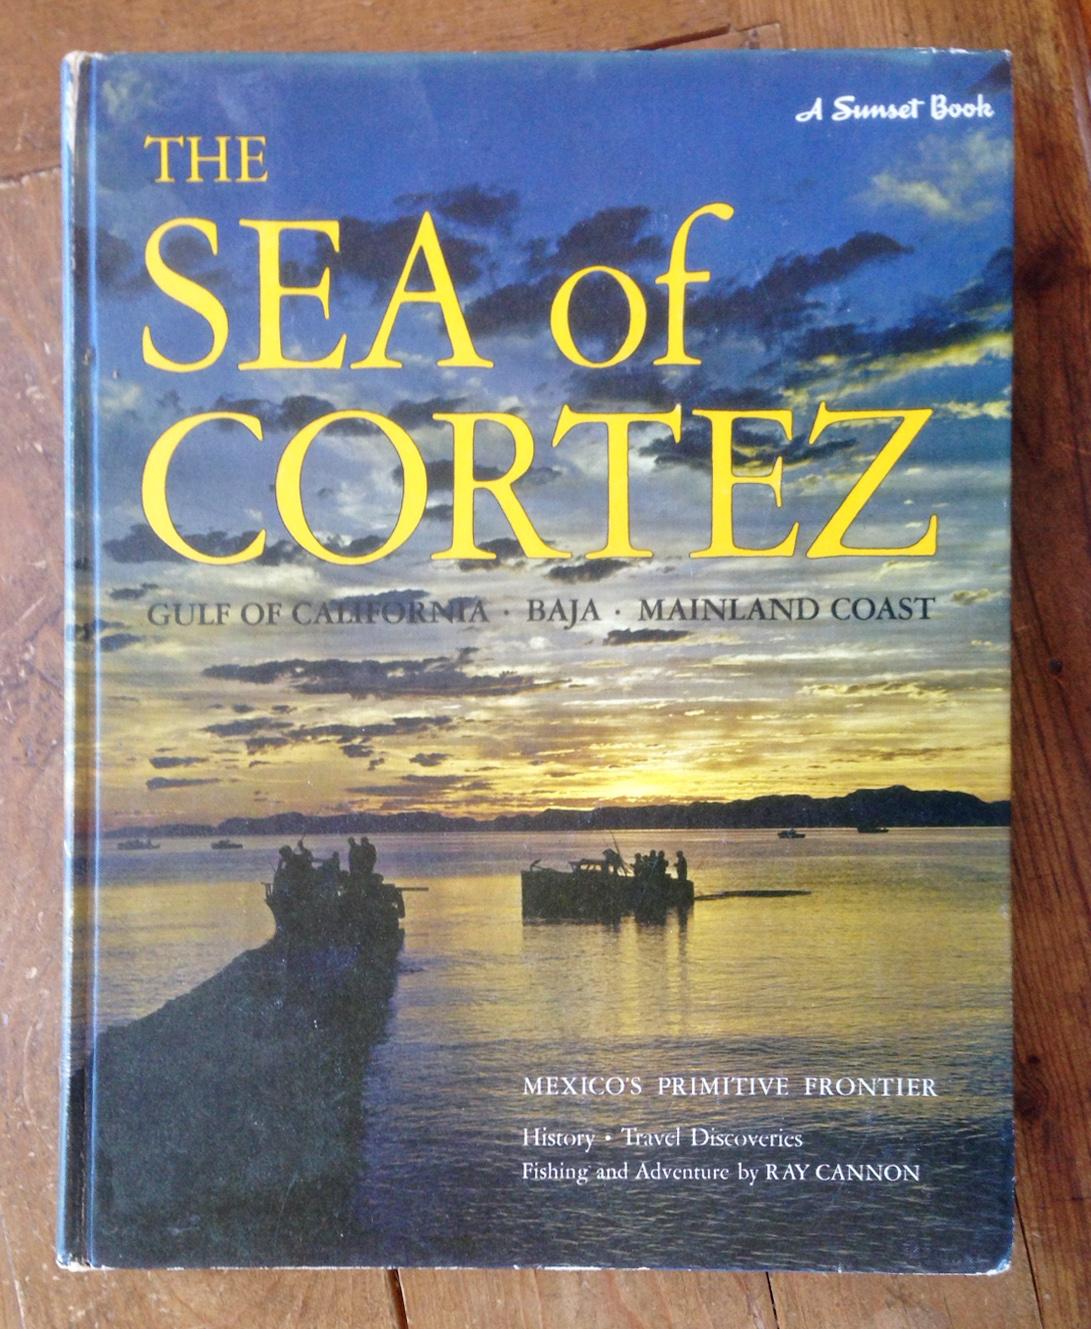 SeaofCortezbook.JPG